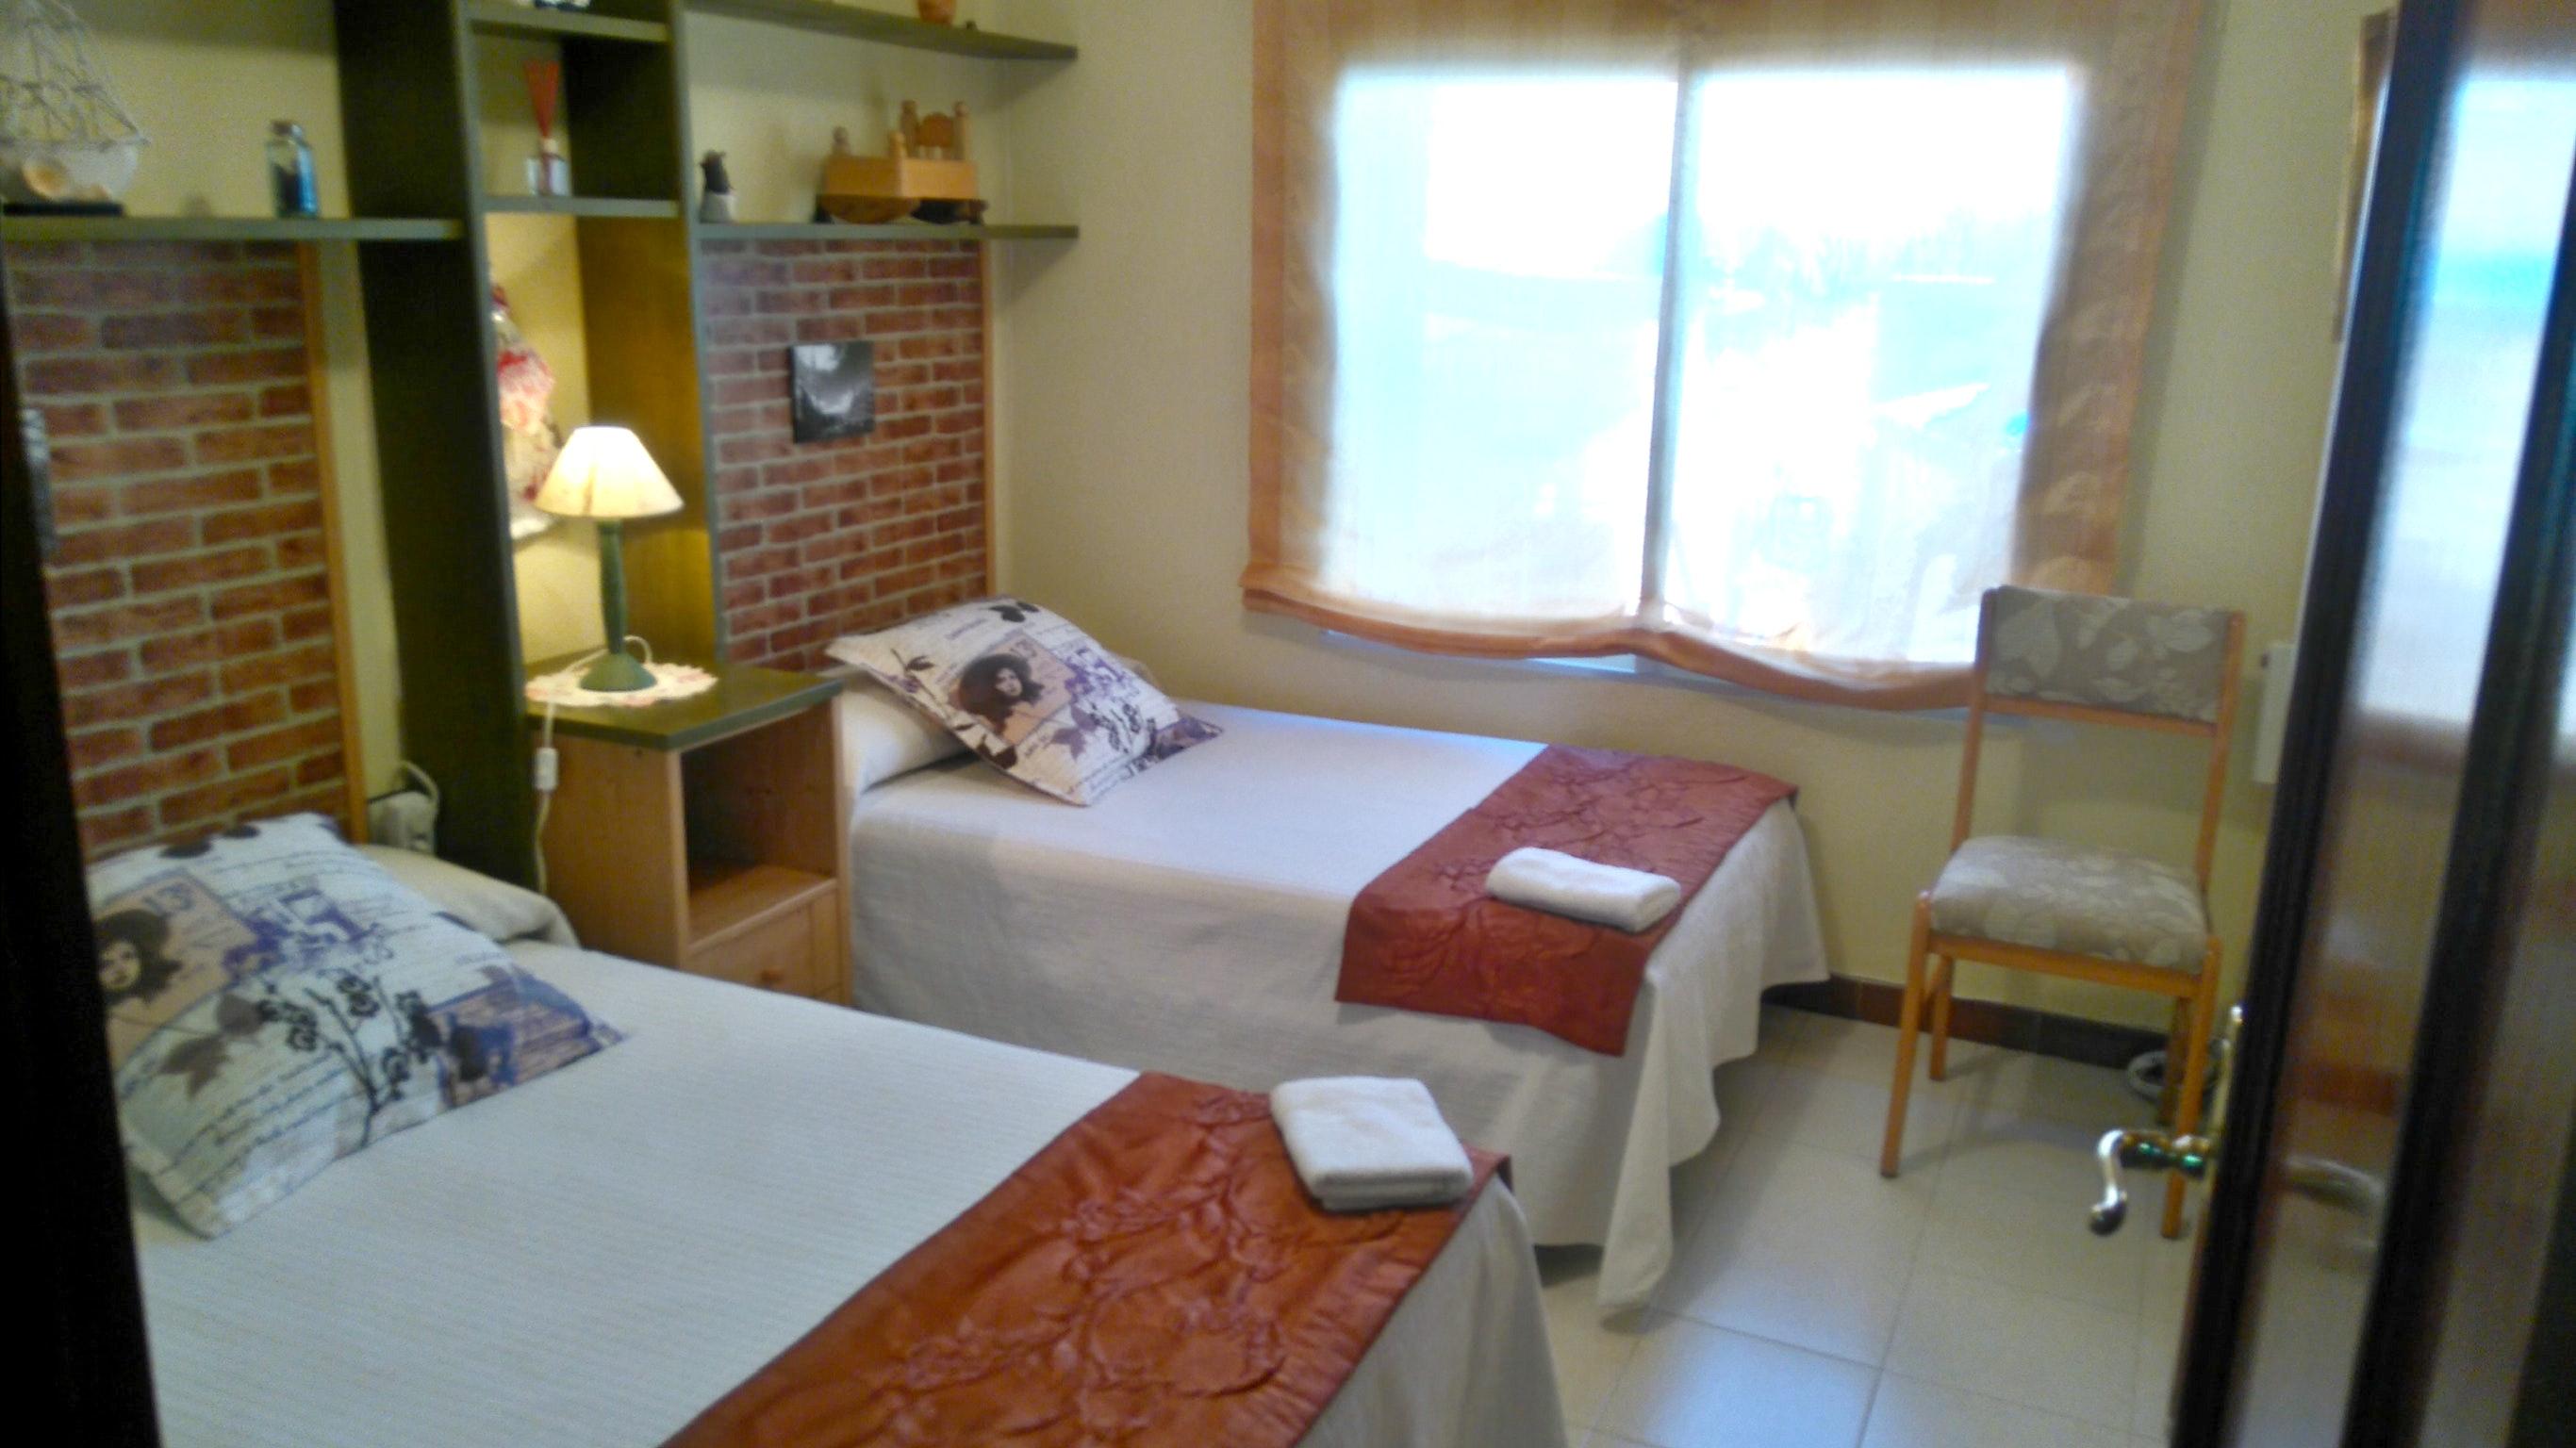 Ferienhaus Haus mit 2 Schlafzimmern in Chatún mit privatem Pool, eingezäuntem Garten und W-LAN (2201405), Chatun, Segovia, Kastilien-León, Spanien, Bild 13